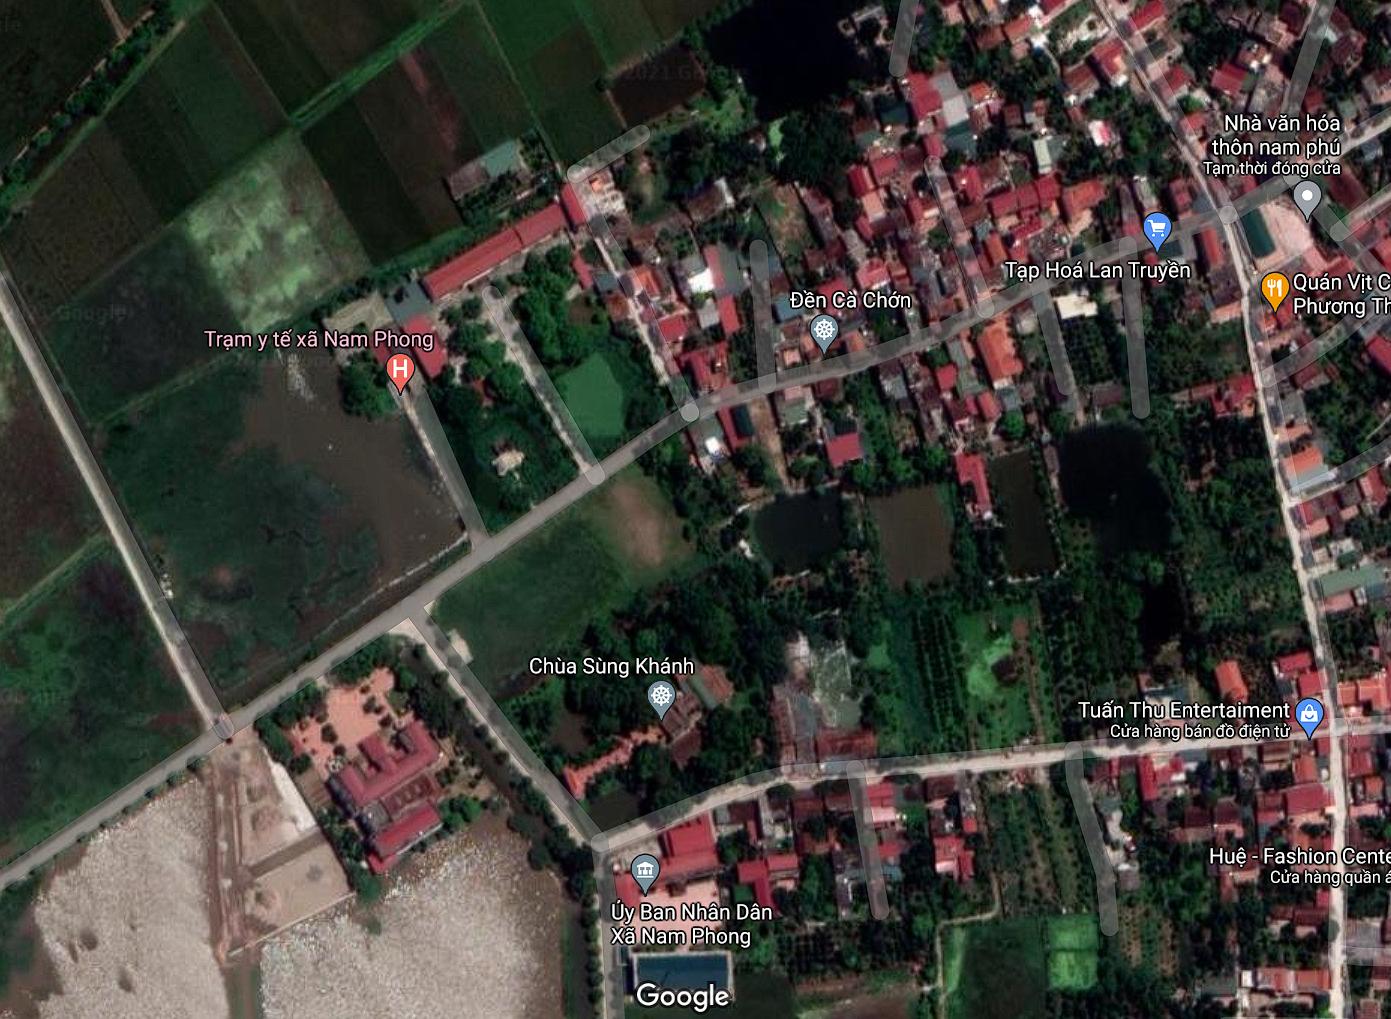 Đất dính quy hoạch ở xã Nam Phong, Phú Xuyên, Hà Nội - Ảnh 2.